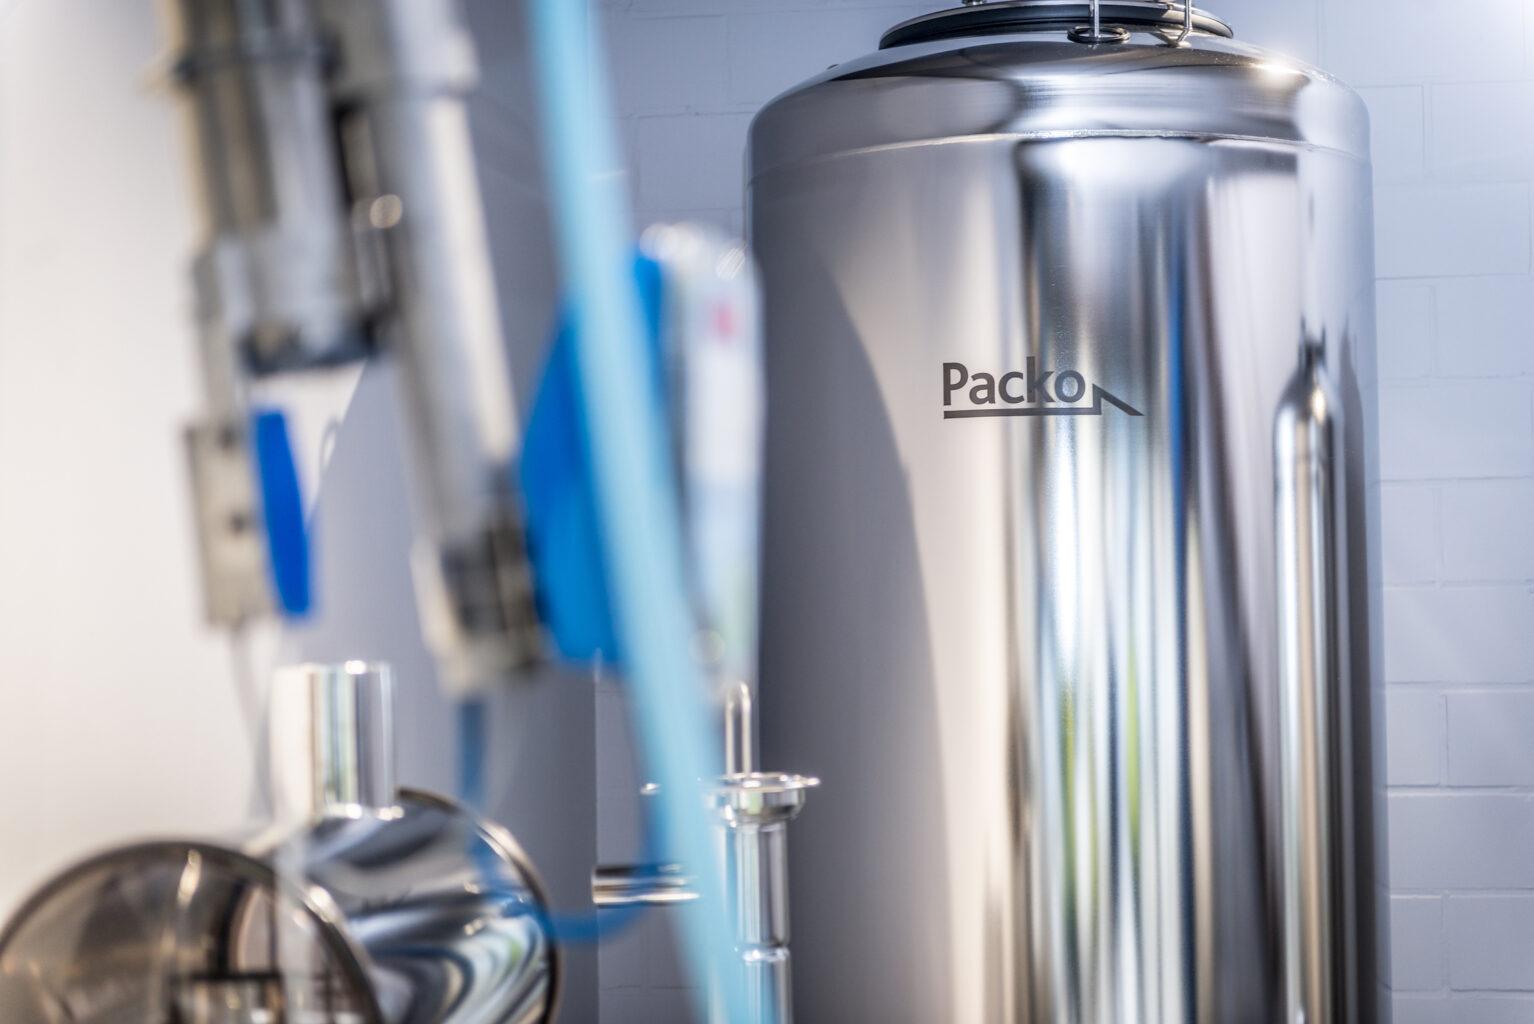 Packo Inox borgt kennis en kwaliteit met PROPOS -